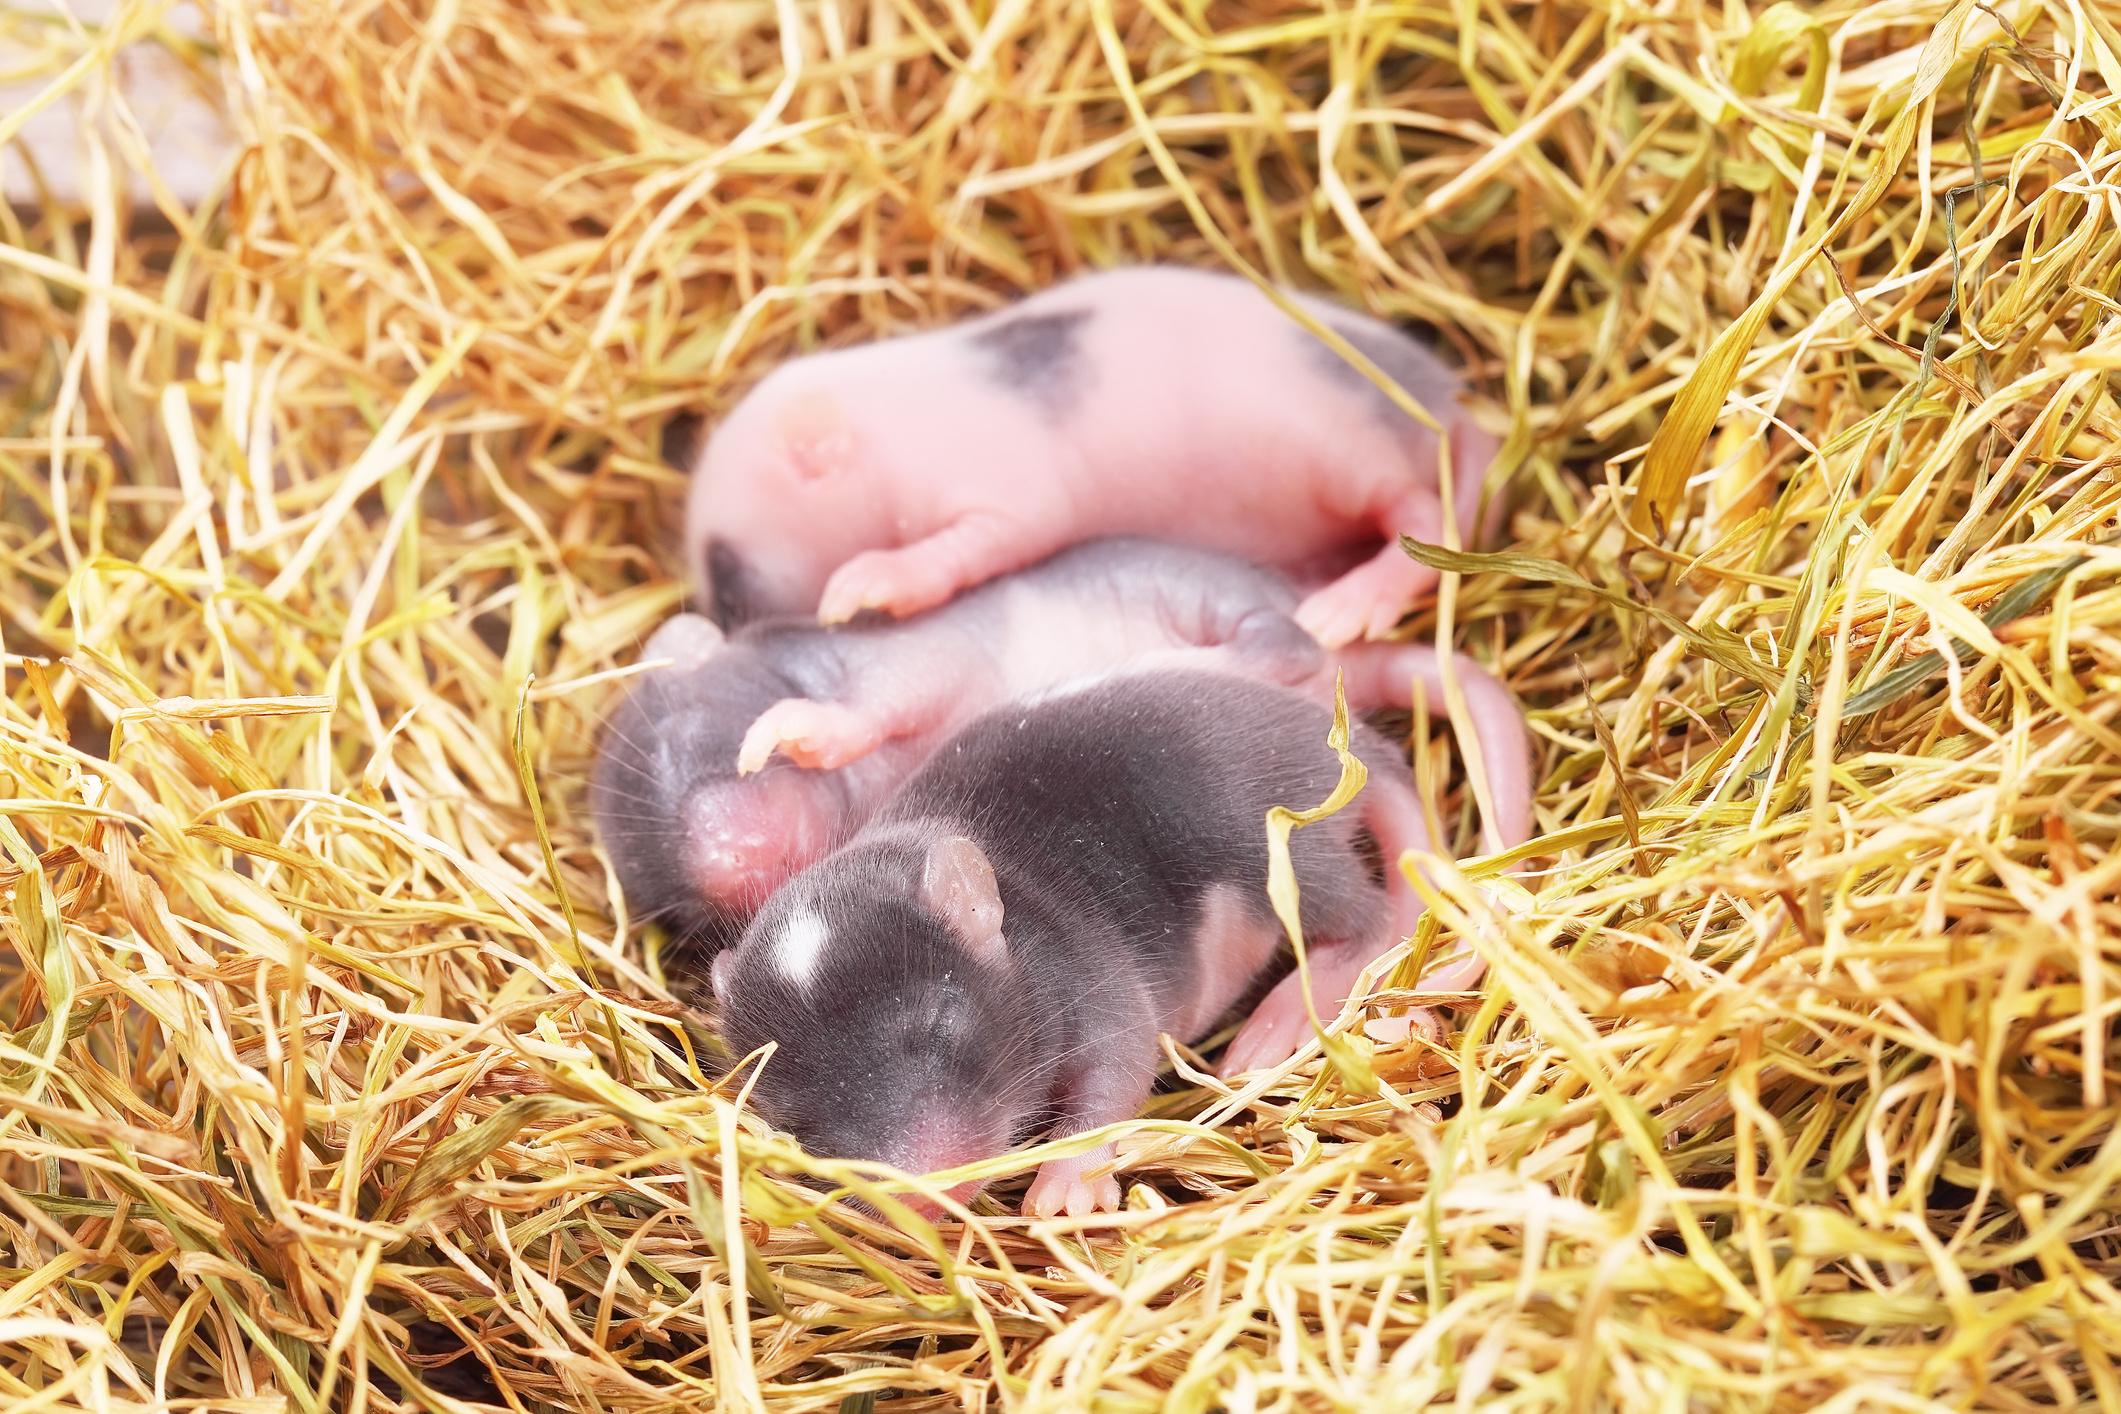 Млекопитающие могут видеть сны об окружающем мире еще до своего рождения